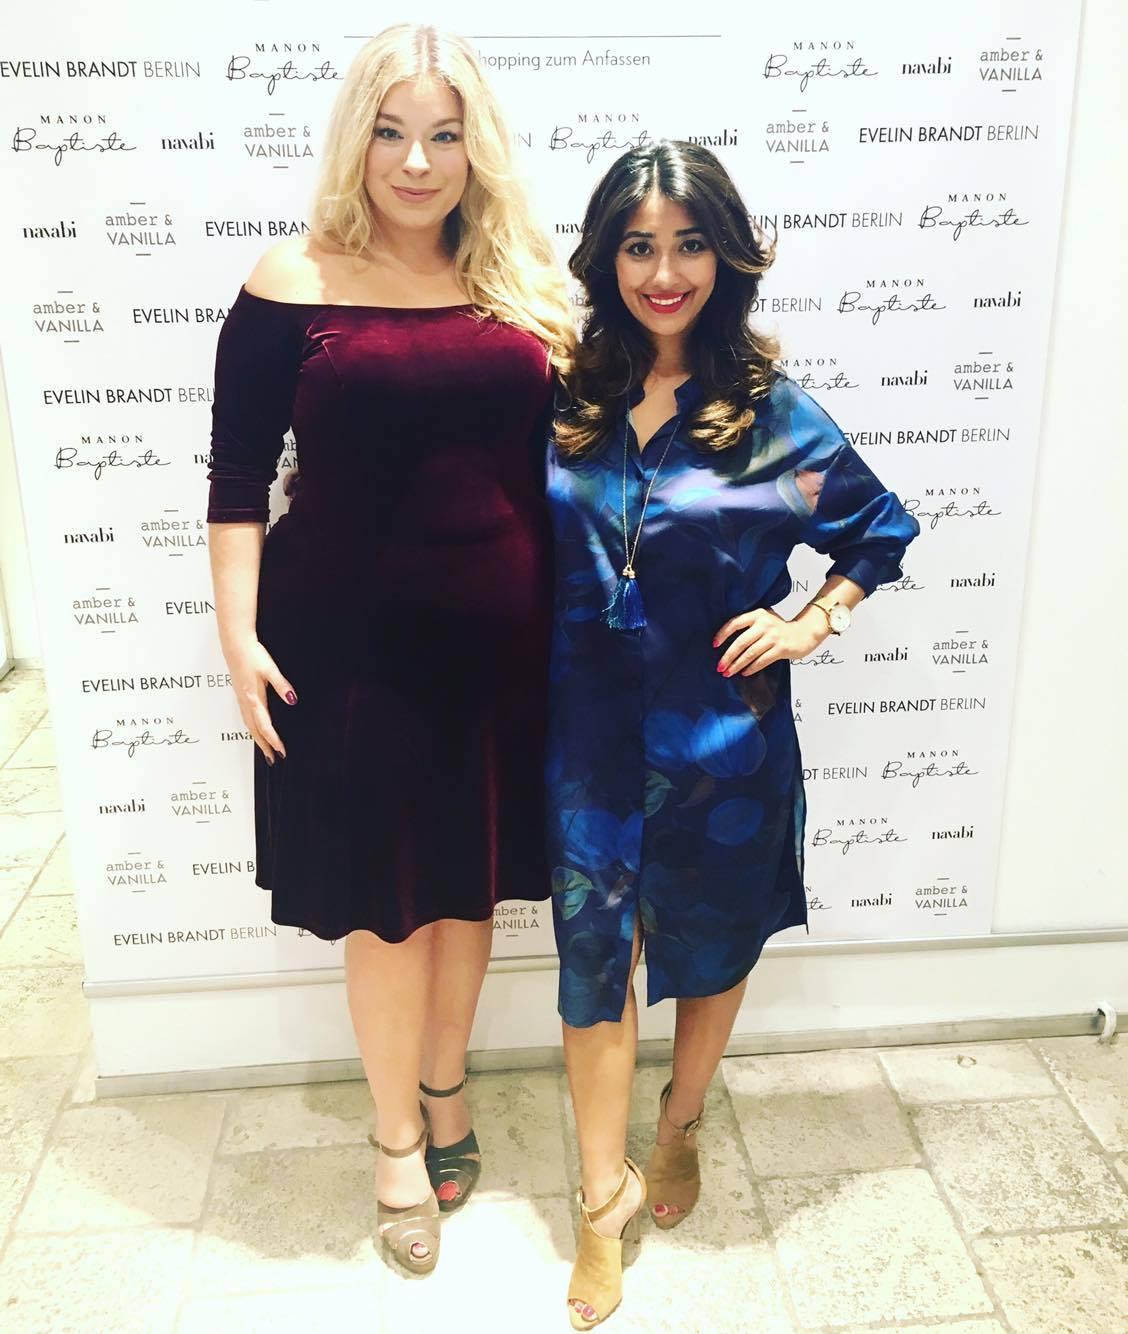 navabi-Megabambi- Evelin- Brandt-Berlin-Onlineshopping-caterina-pogorzelski-Fashionblogger-Blogger